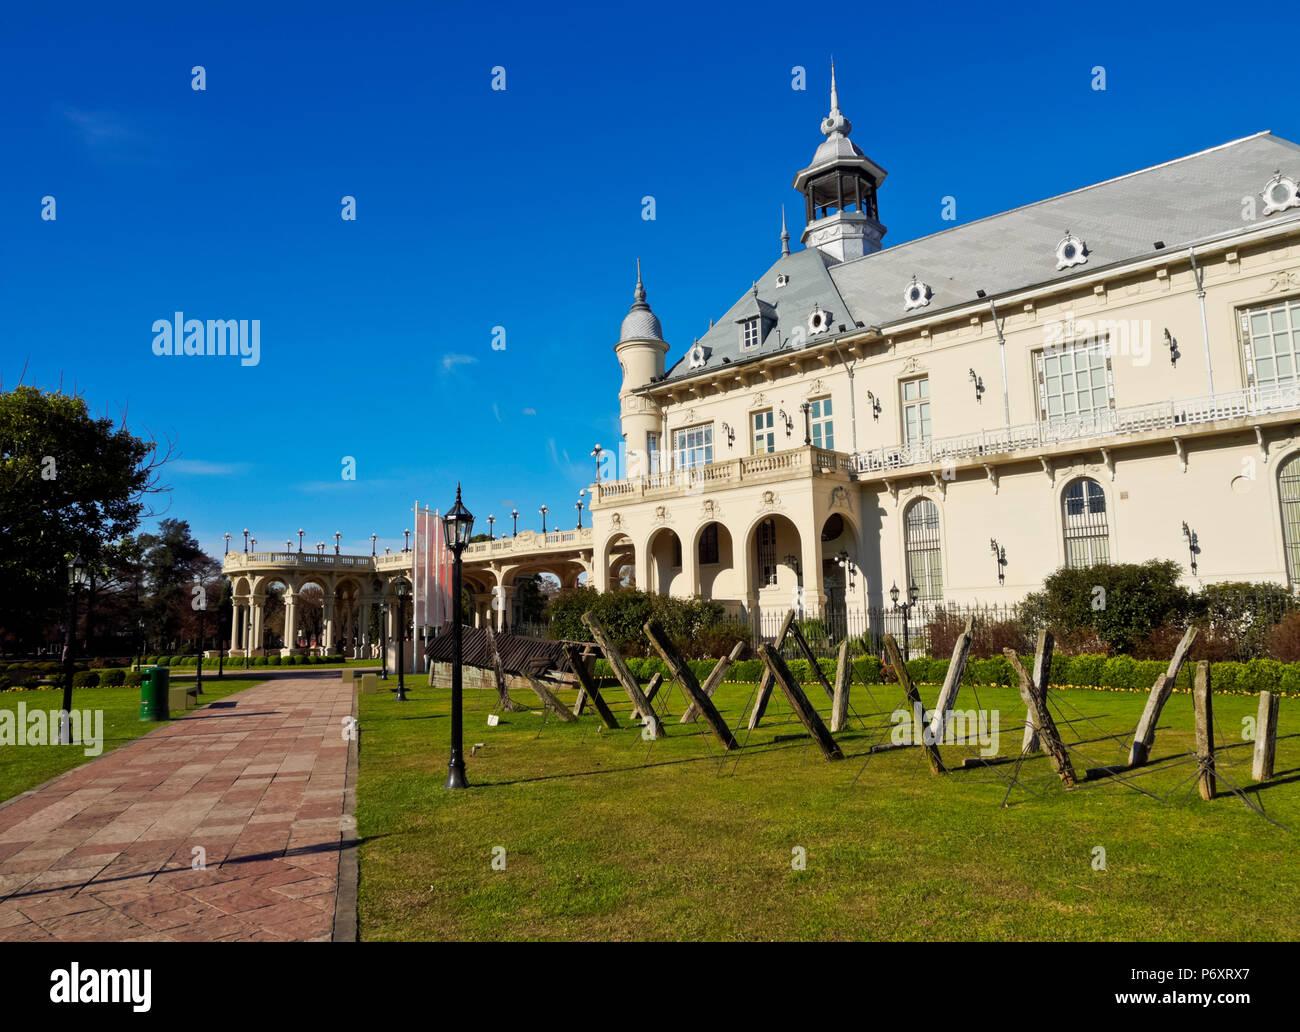 Argentina, Provincia di Buenos Aires, Tigre, vista del Museo Municipale di Belle Arti. Immagini Stock